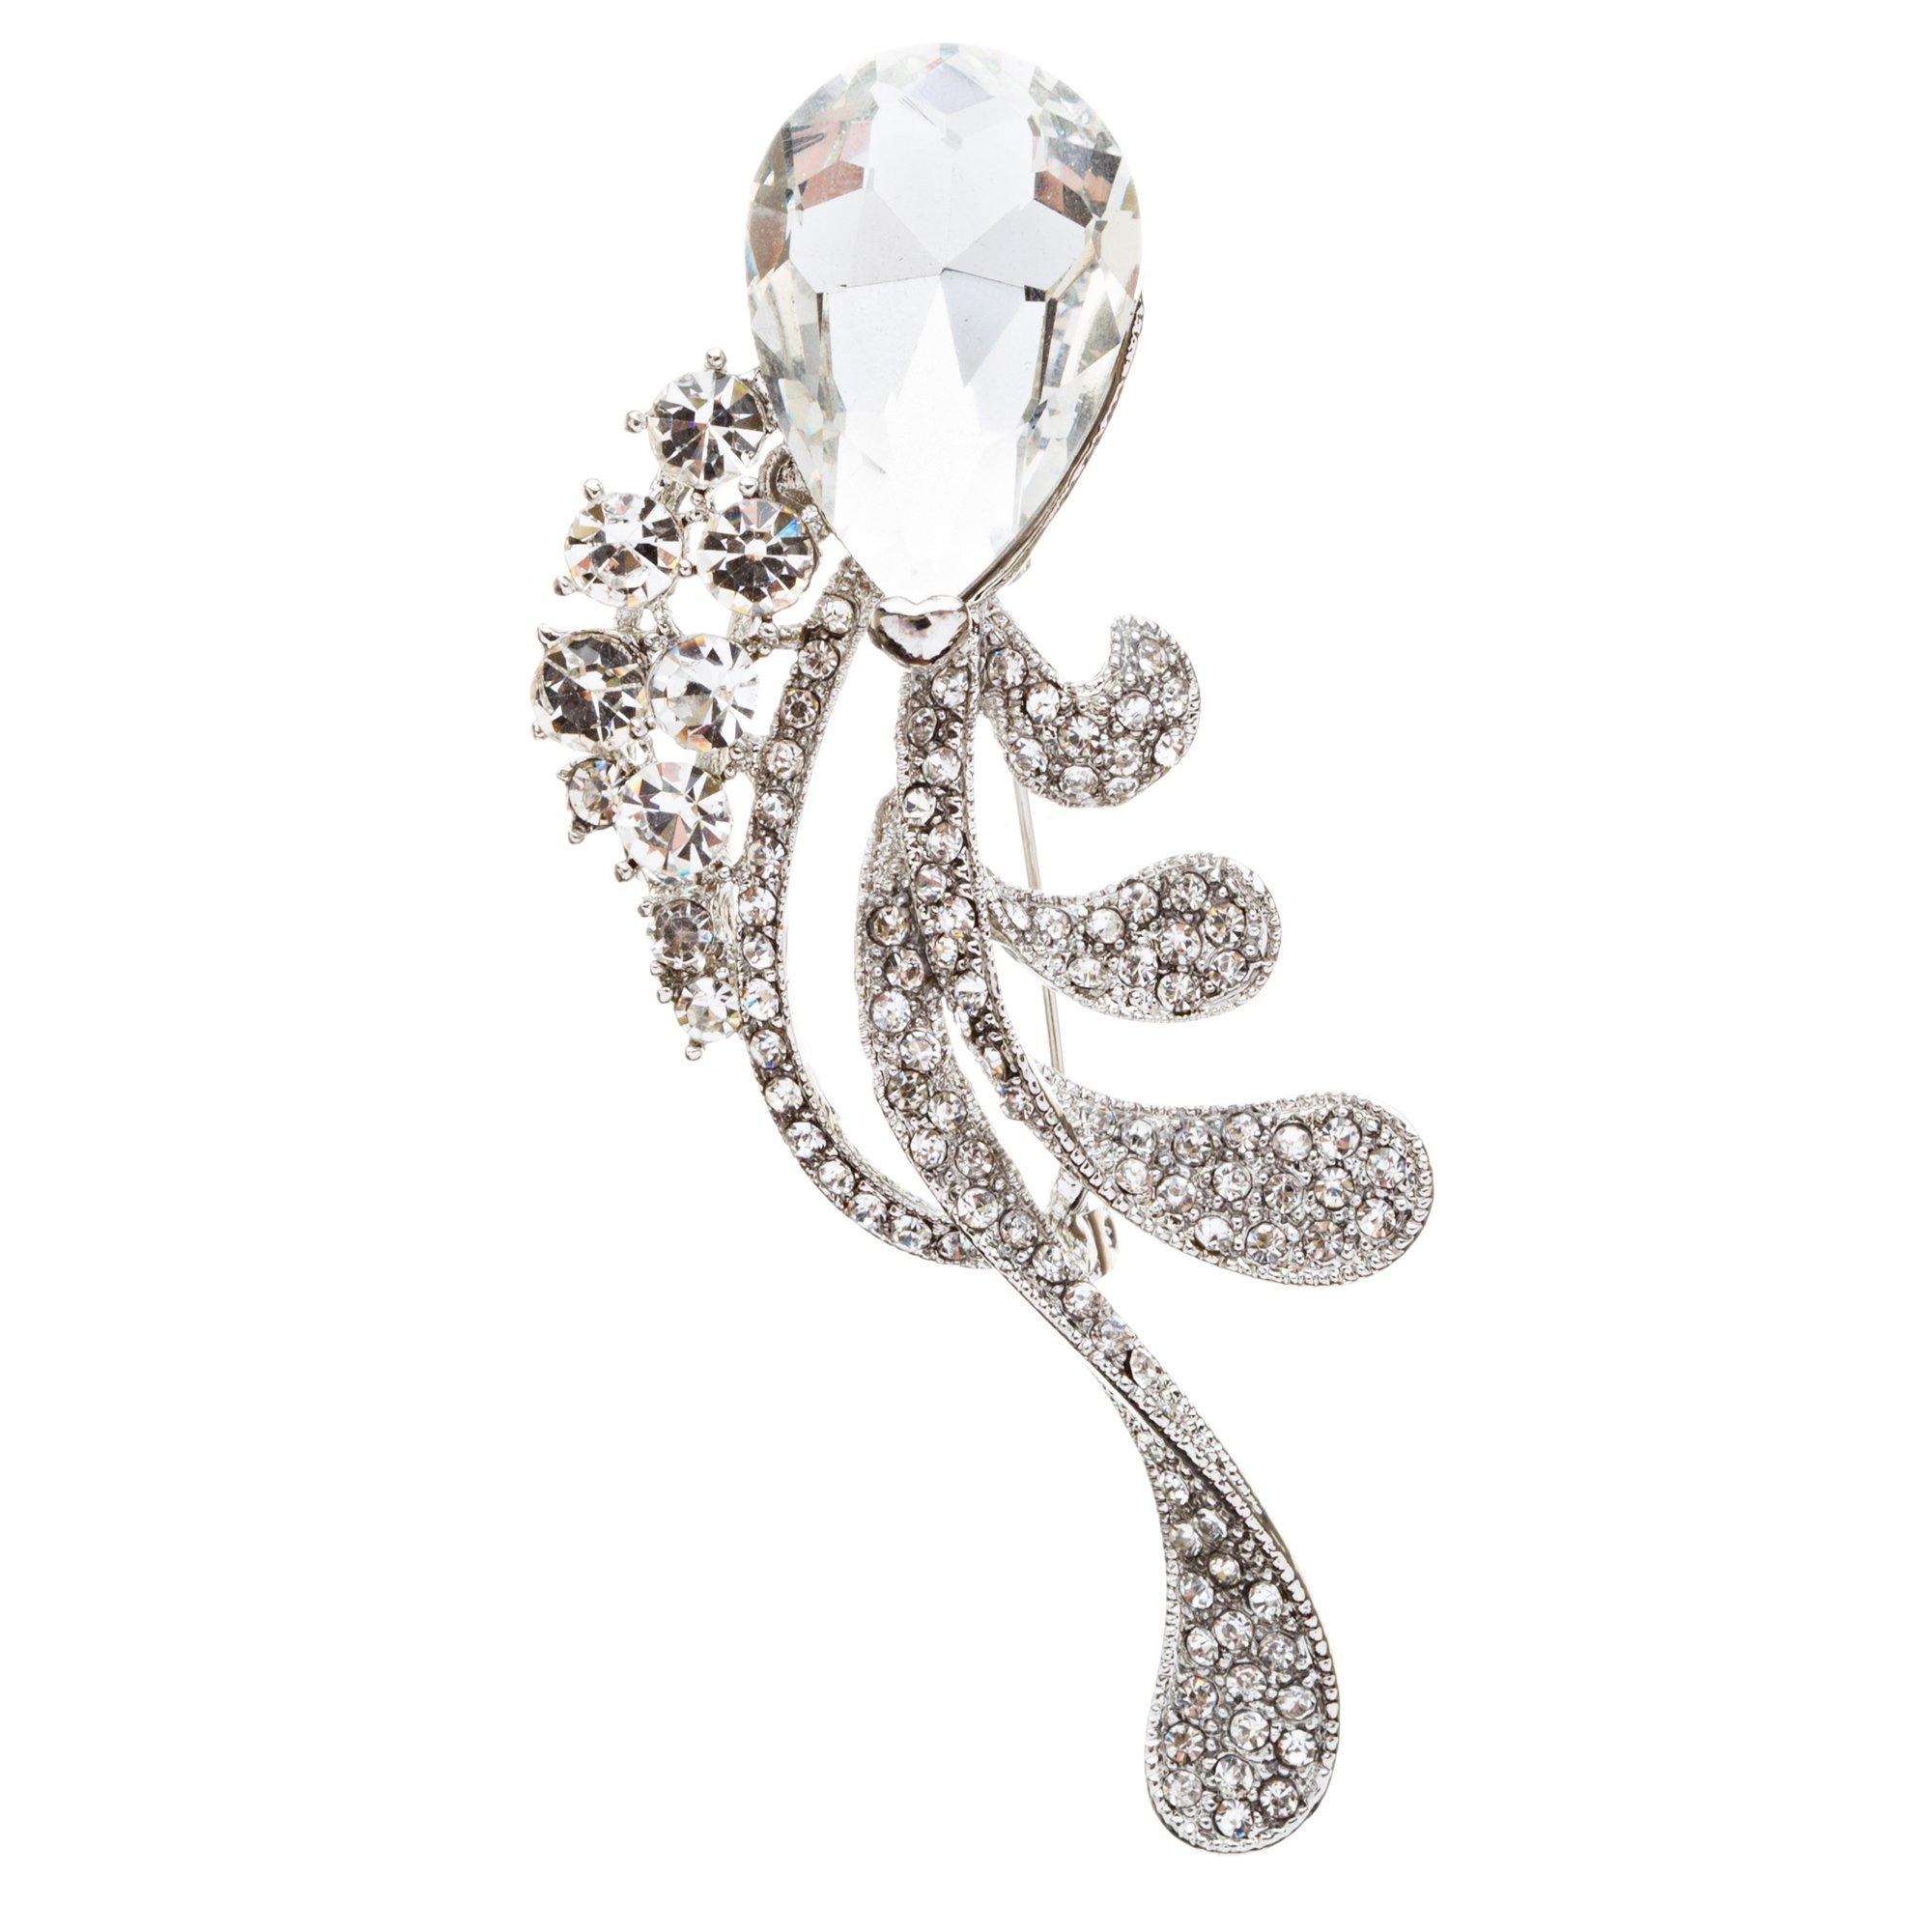 ACCESSORIESFOREVER Bridal Wedding Jewelry Crystal Rhinestone Chic Tear Drop Brooch Pin BH75 Silver